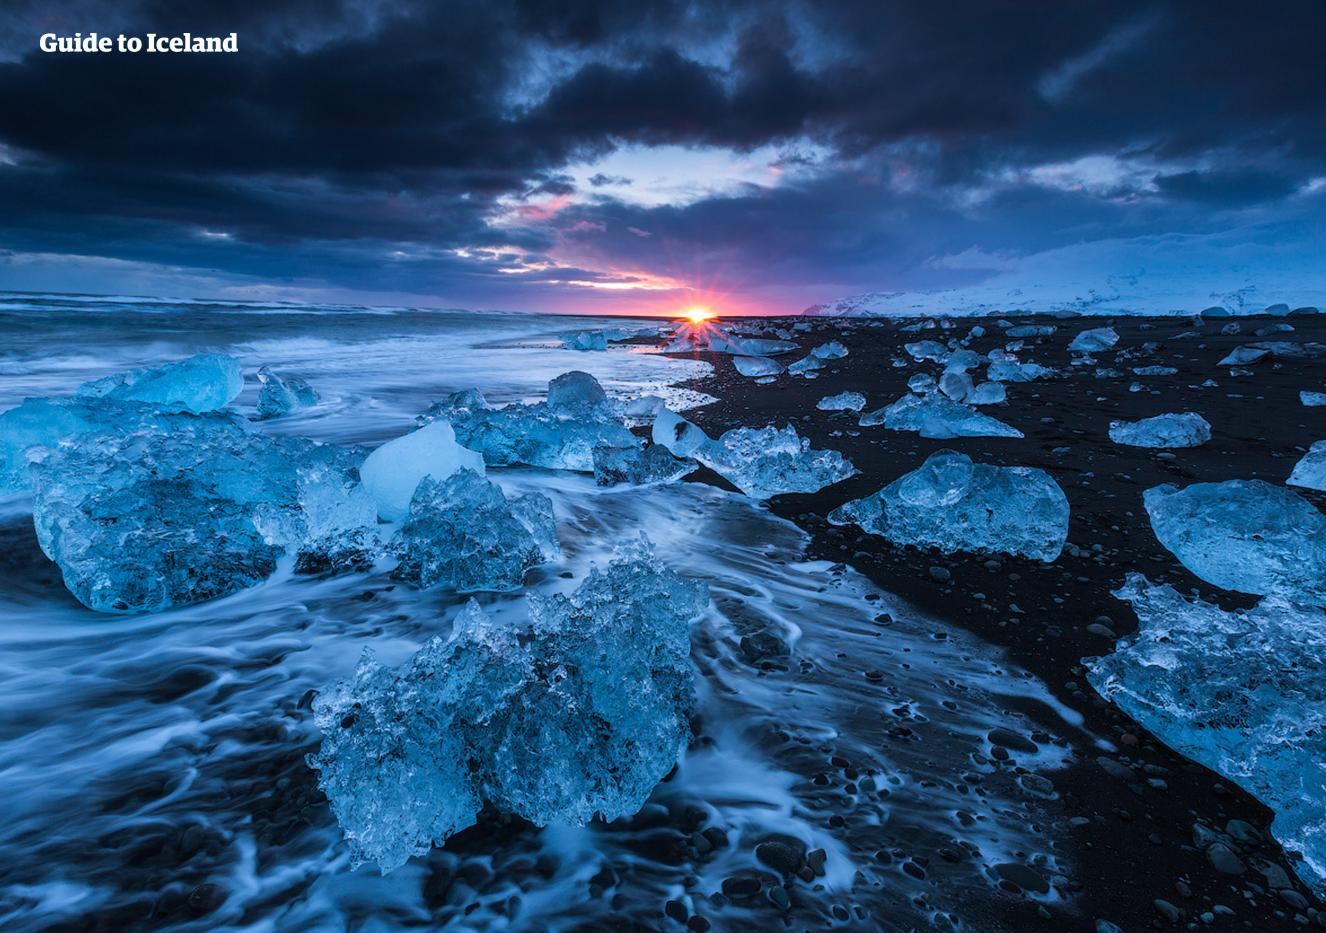 겨울 렌트카 여행 패키지로 방문하는 다이아몬드 해변, 저 편의 석양이 아름답습니다.